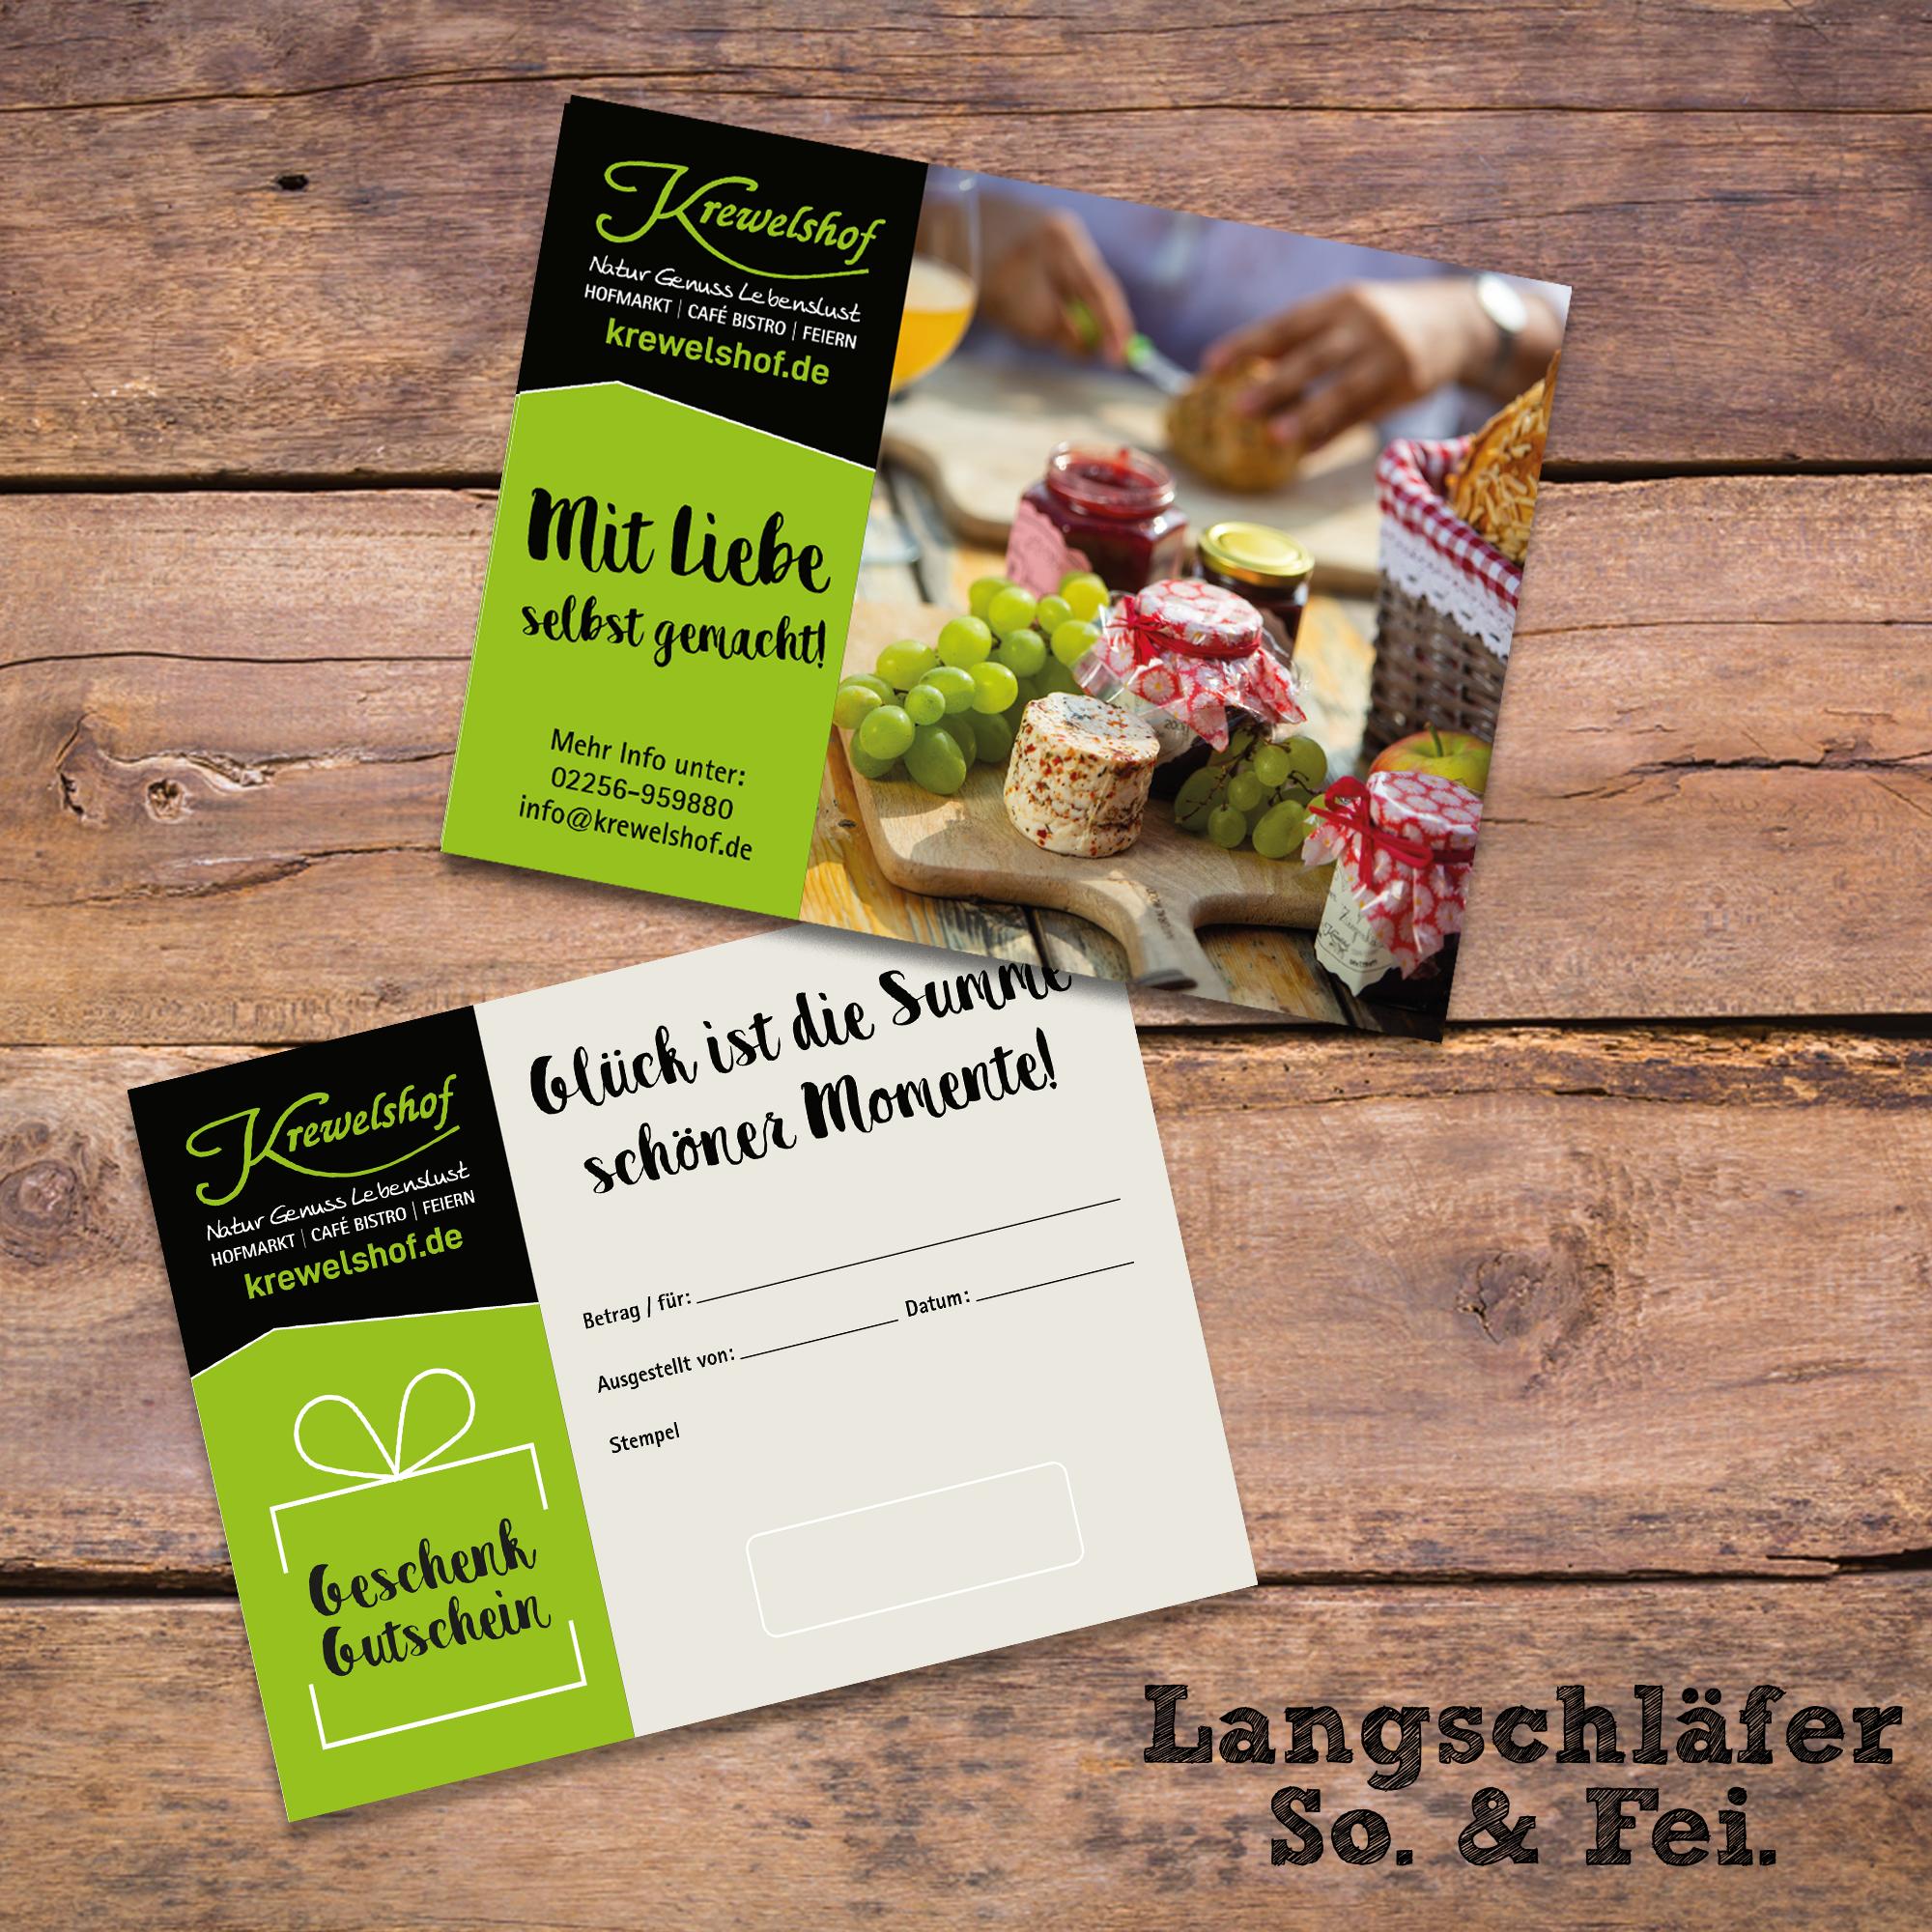 Gutschein Langschläfer-Frühstück Eifel (So & Fei)